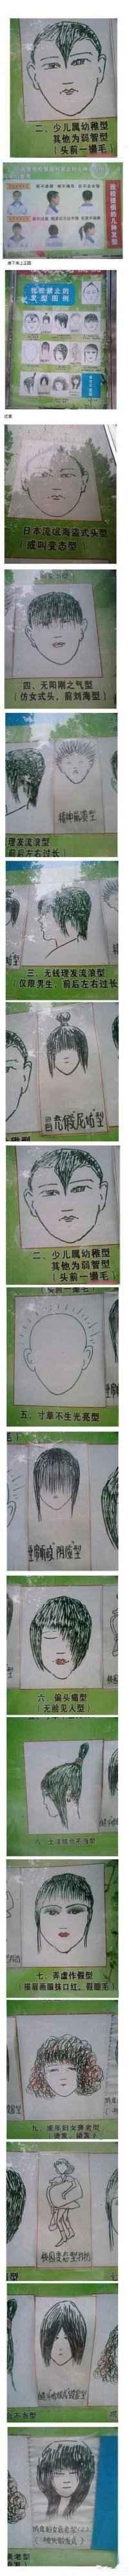 某校开学惊现发型禁令图,这学校的老师太有才了~~~~